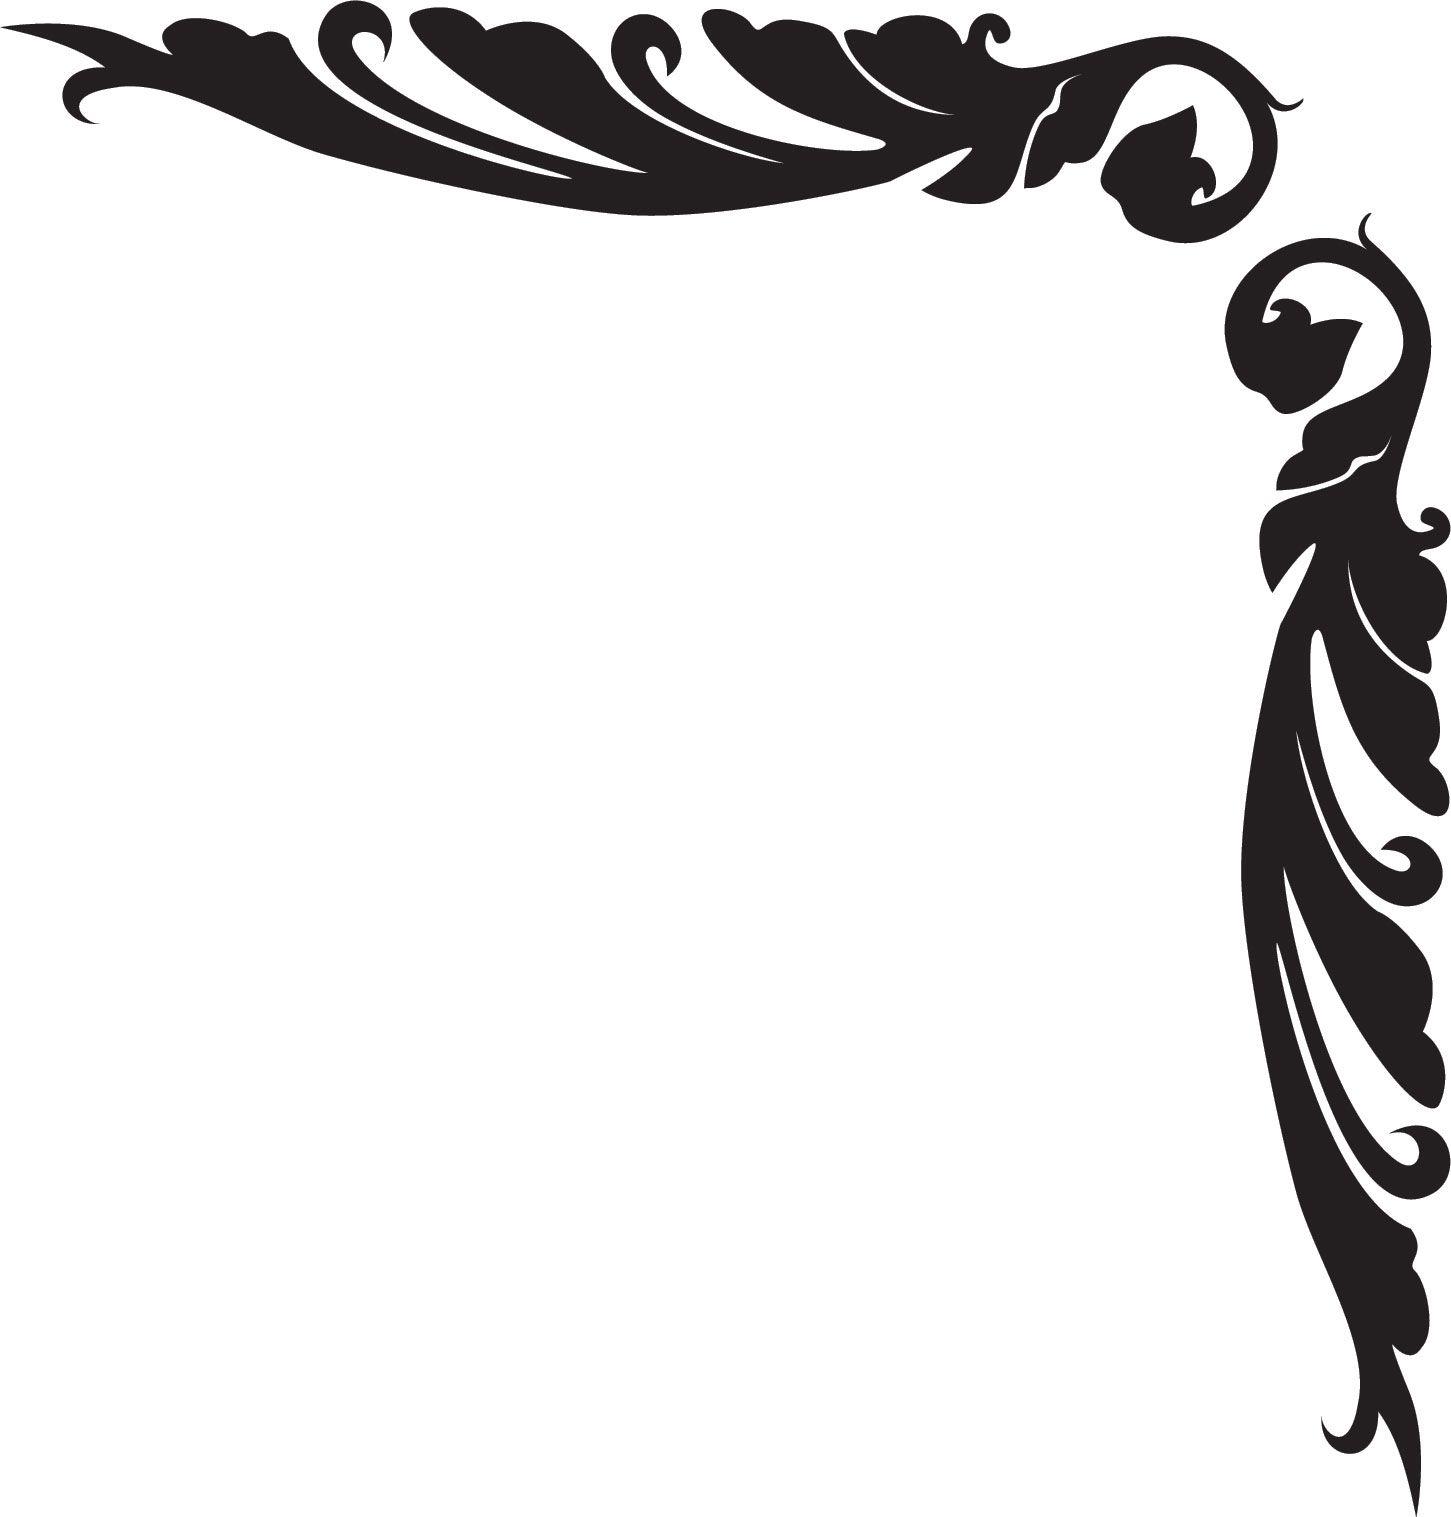 草木のライン線イラスト-白黒・葉・コーナー | borders | pinterest